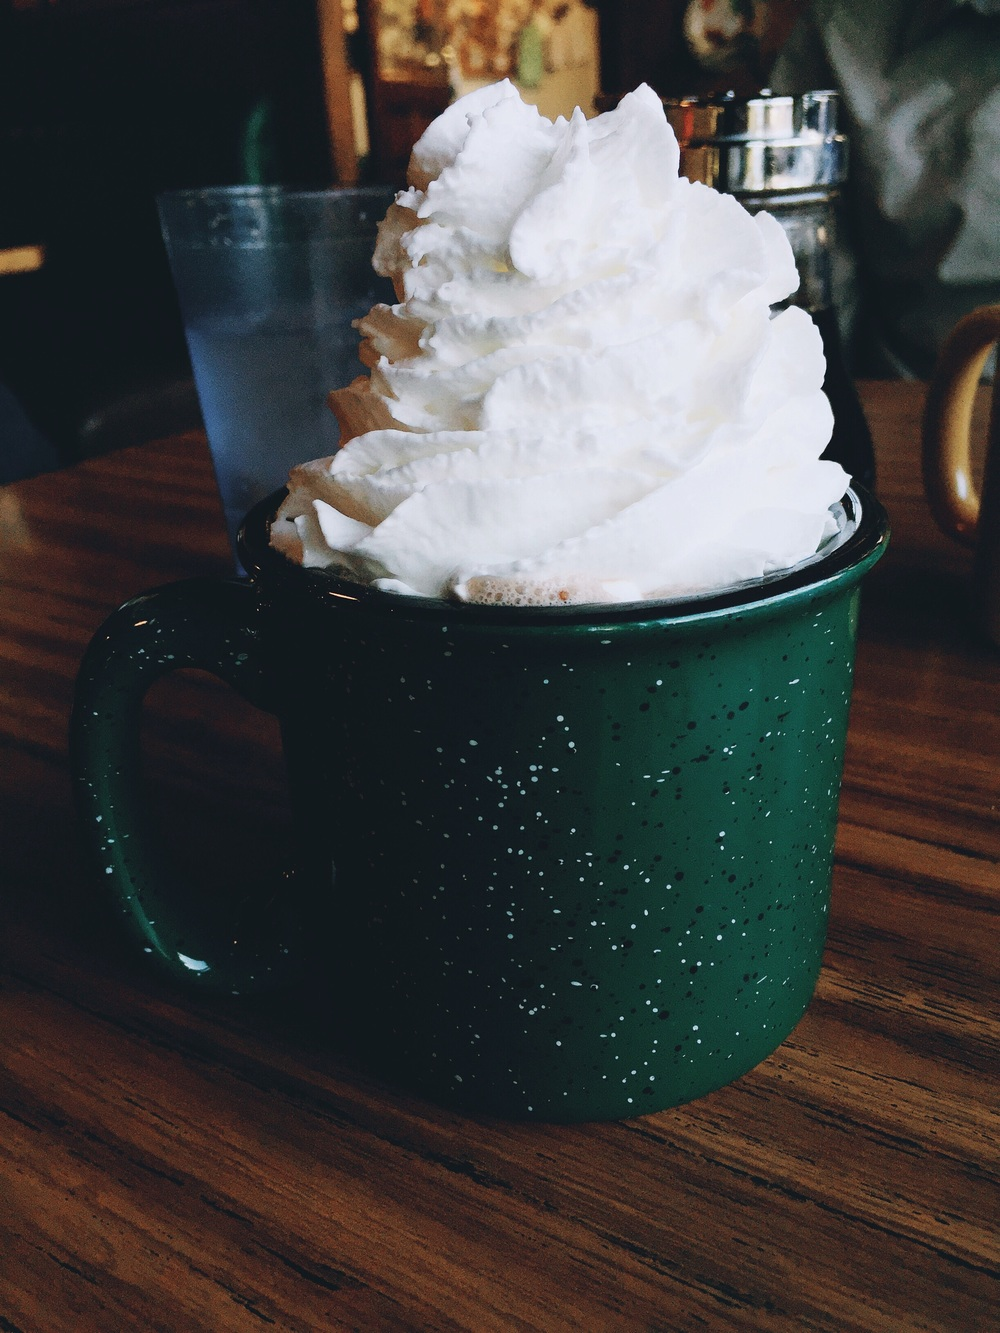 My hot chocolate w whipped cream!